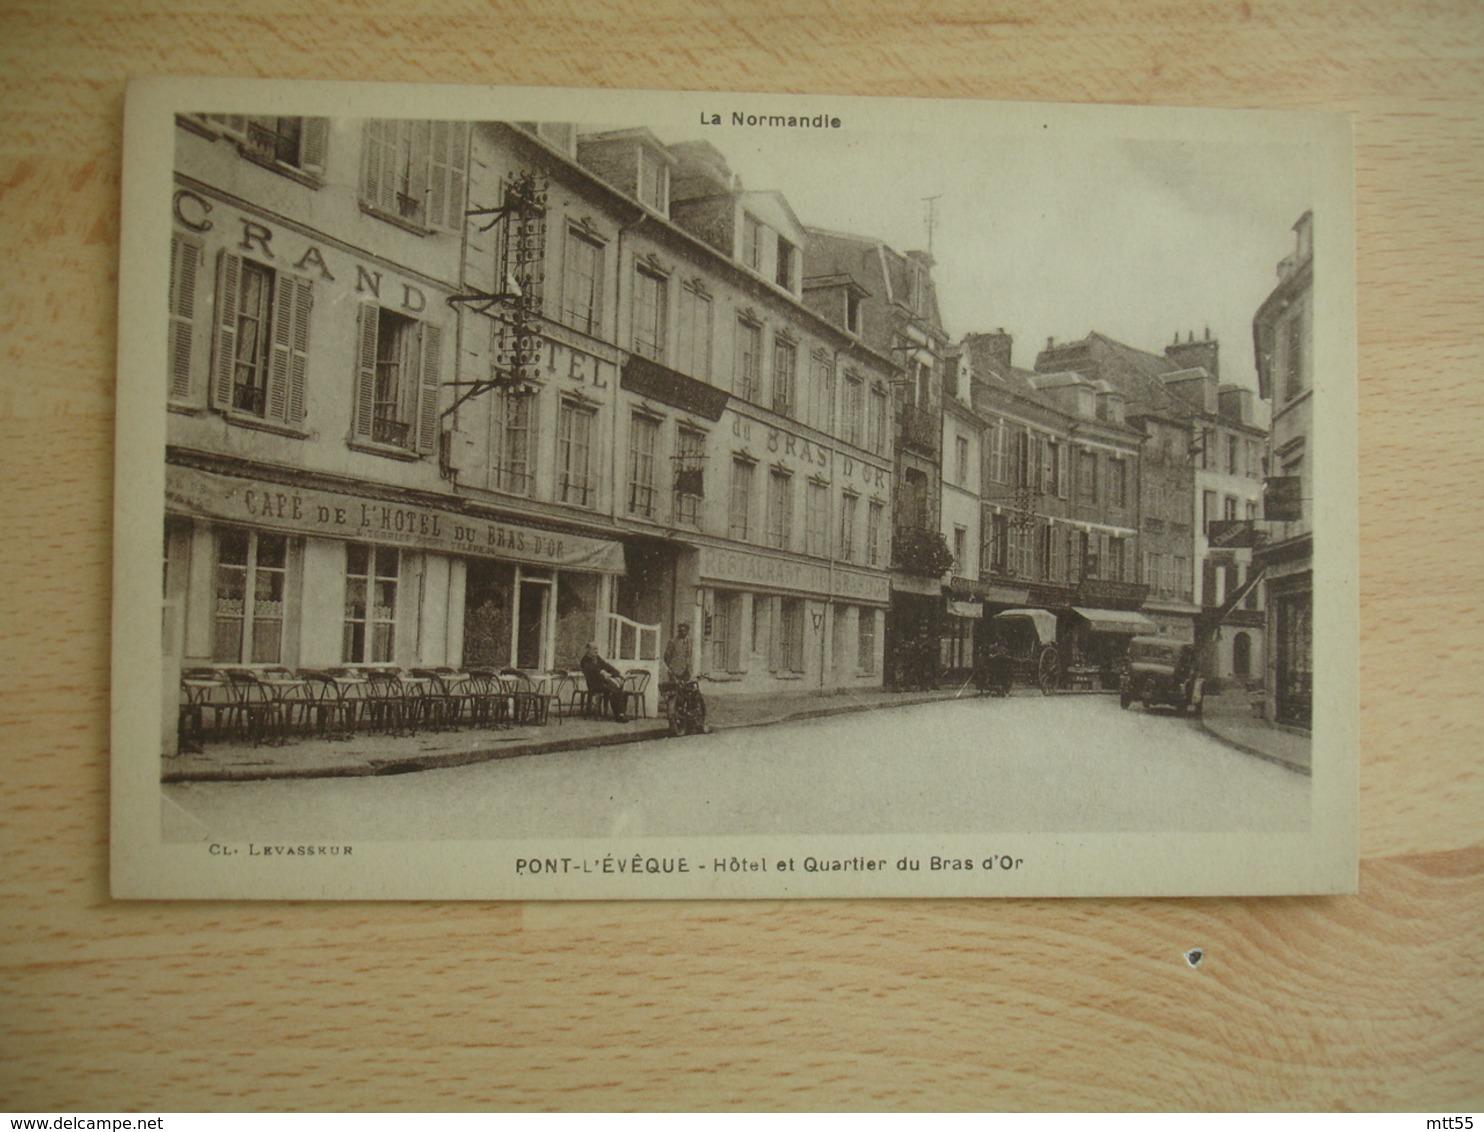 Pont L Eveque Hotel Bras D Or - Pont-l'Evèque